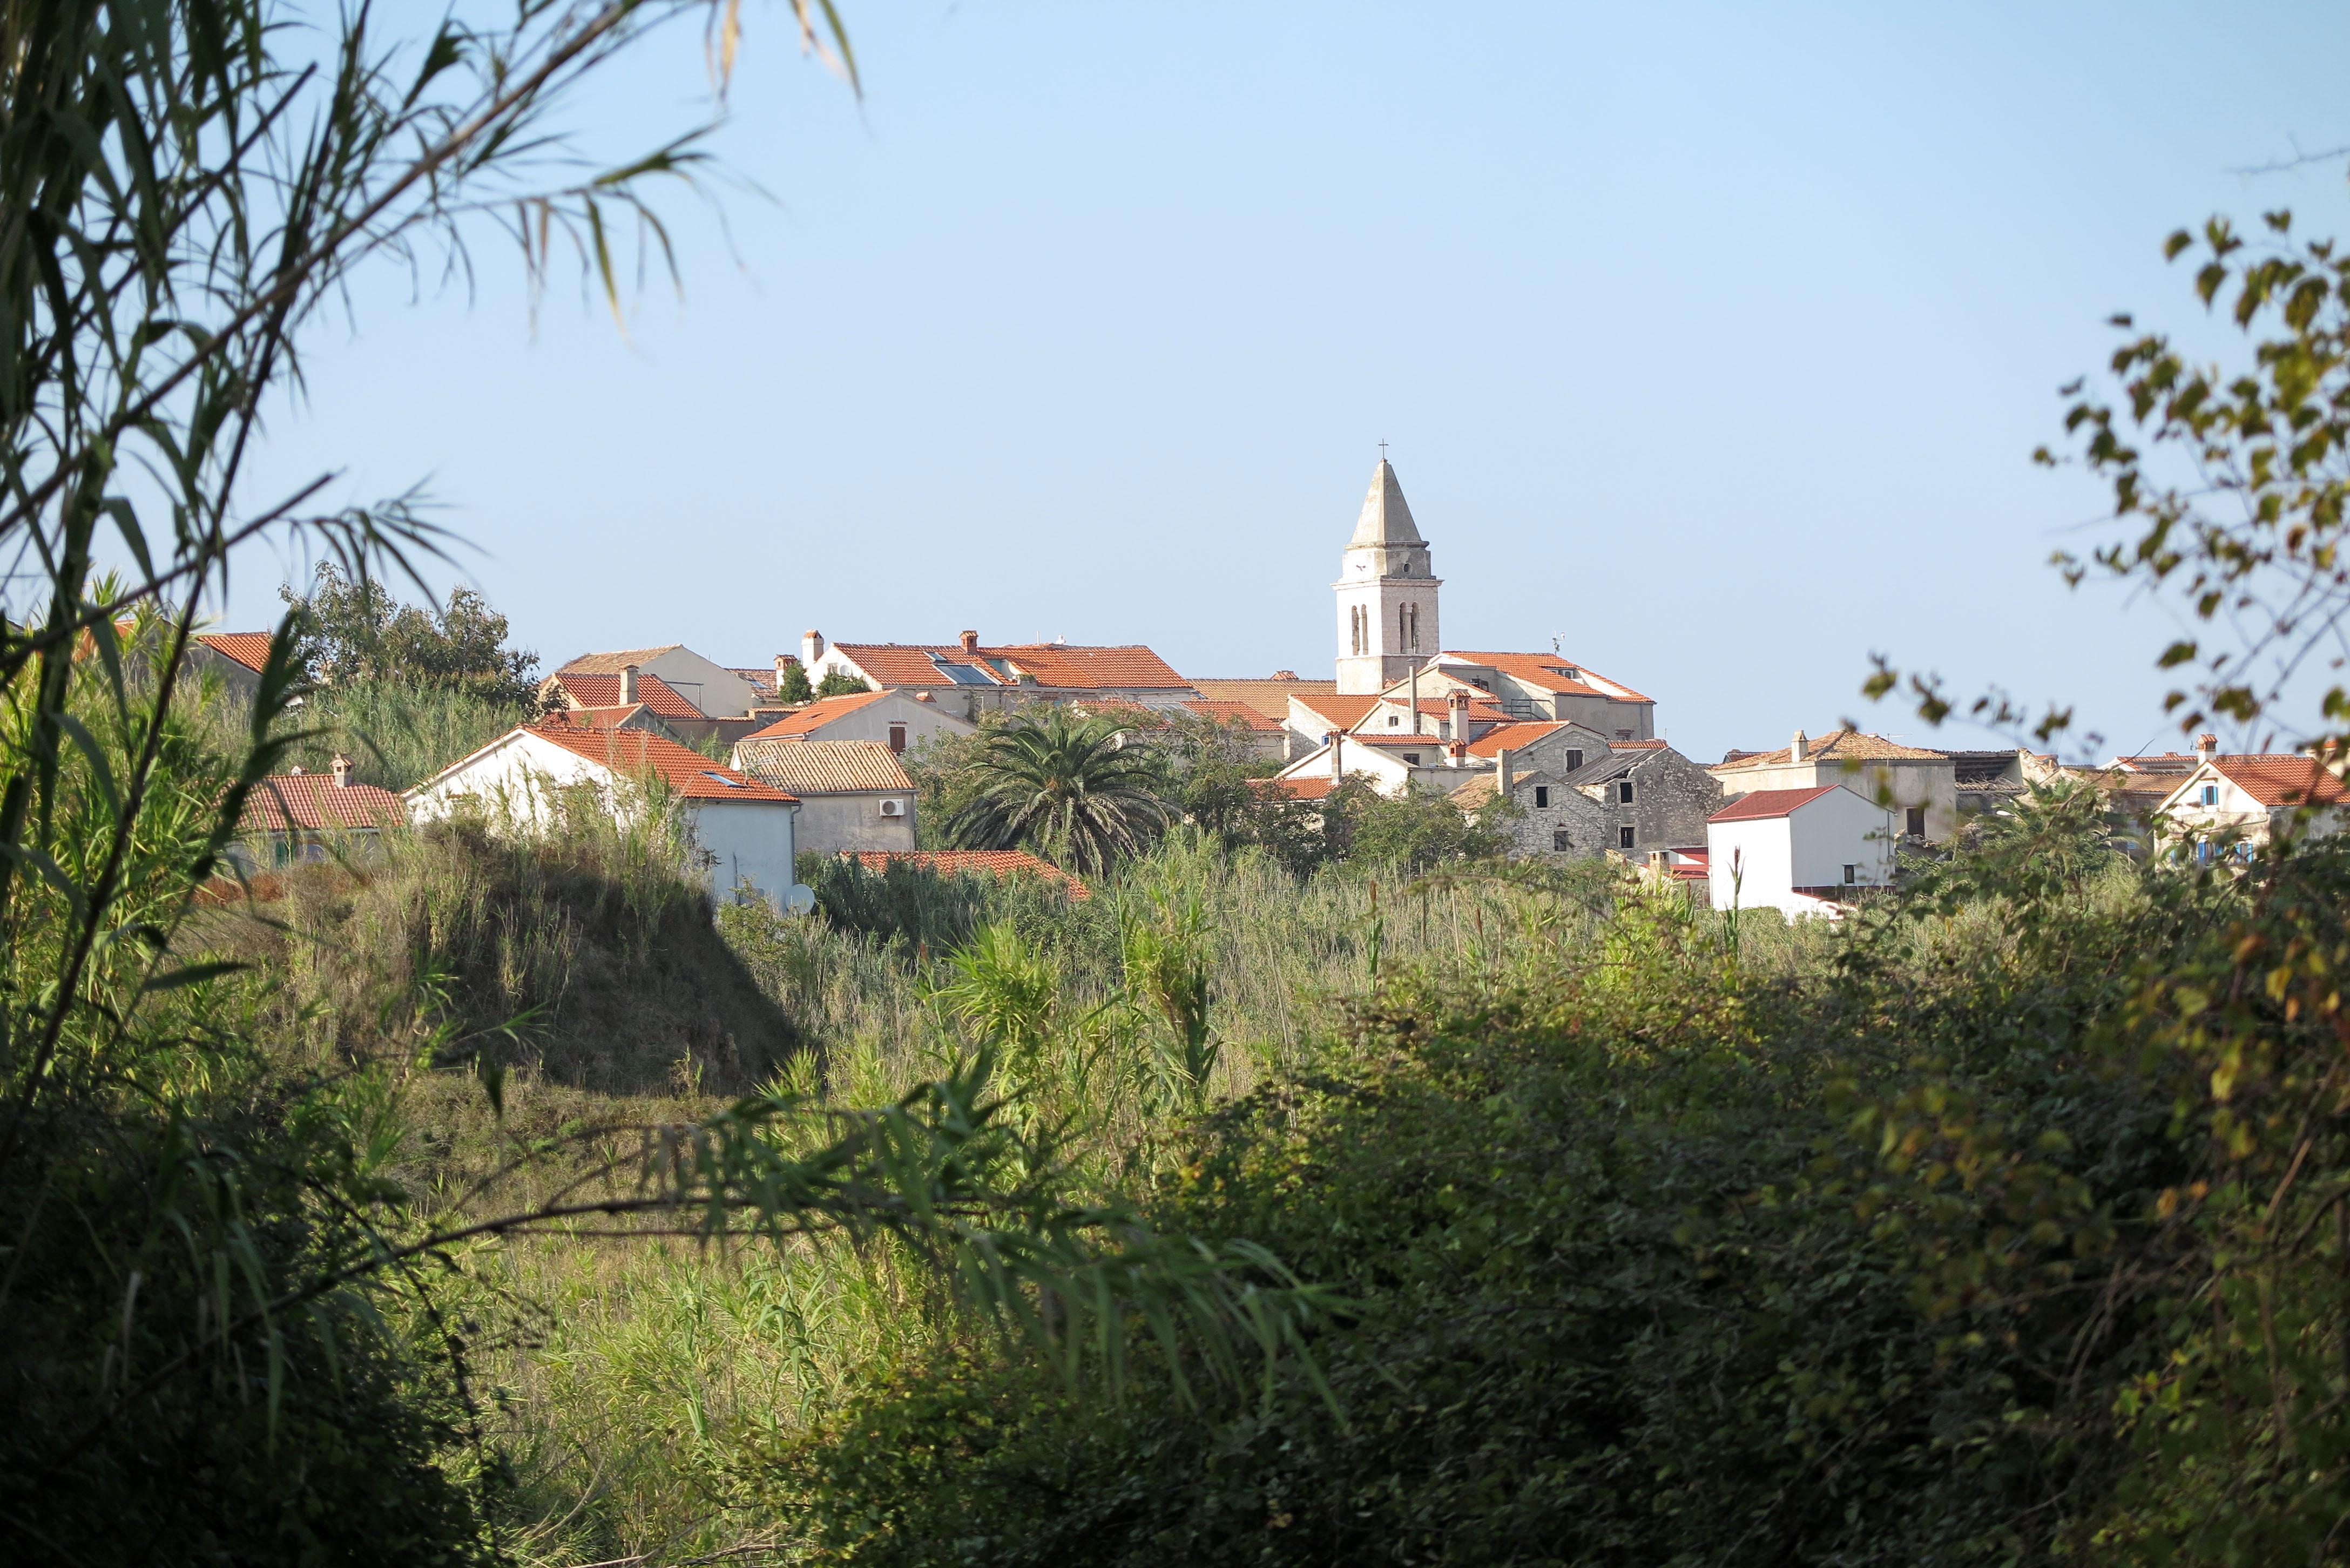 Najizoliraniji hrvatski otok Susak, Gornje Selo